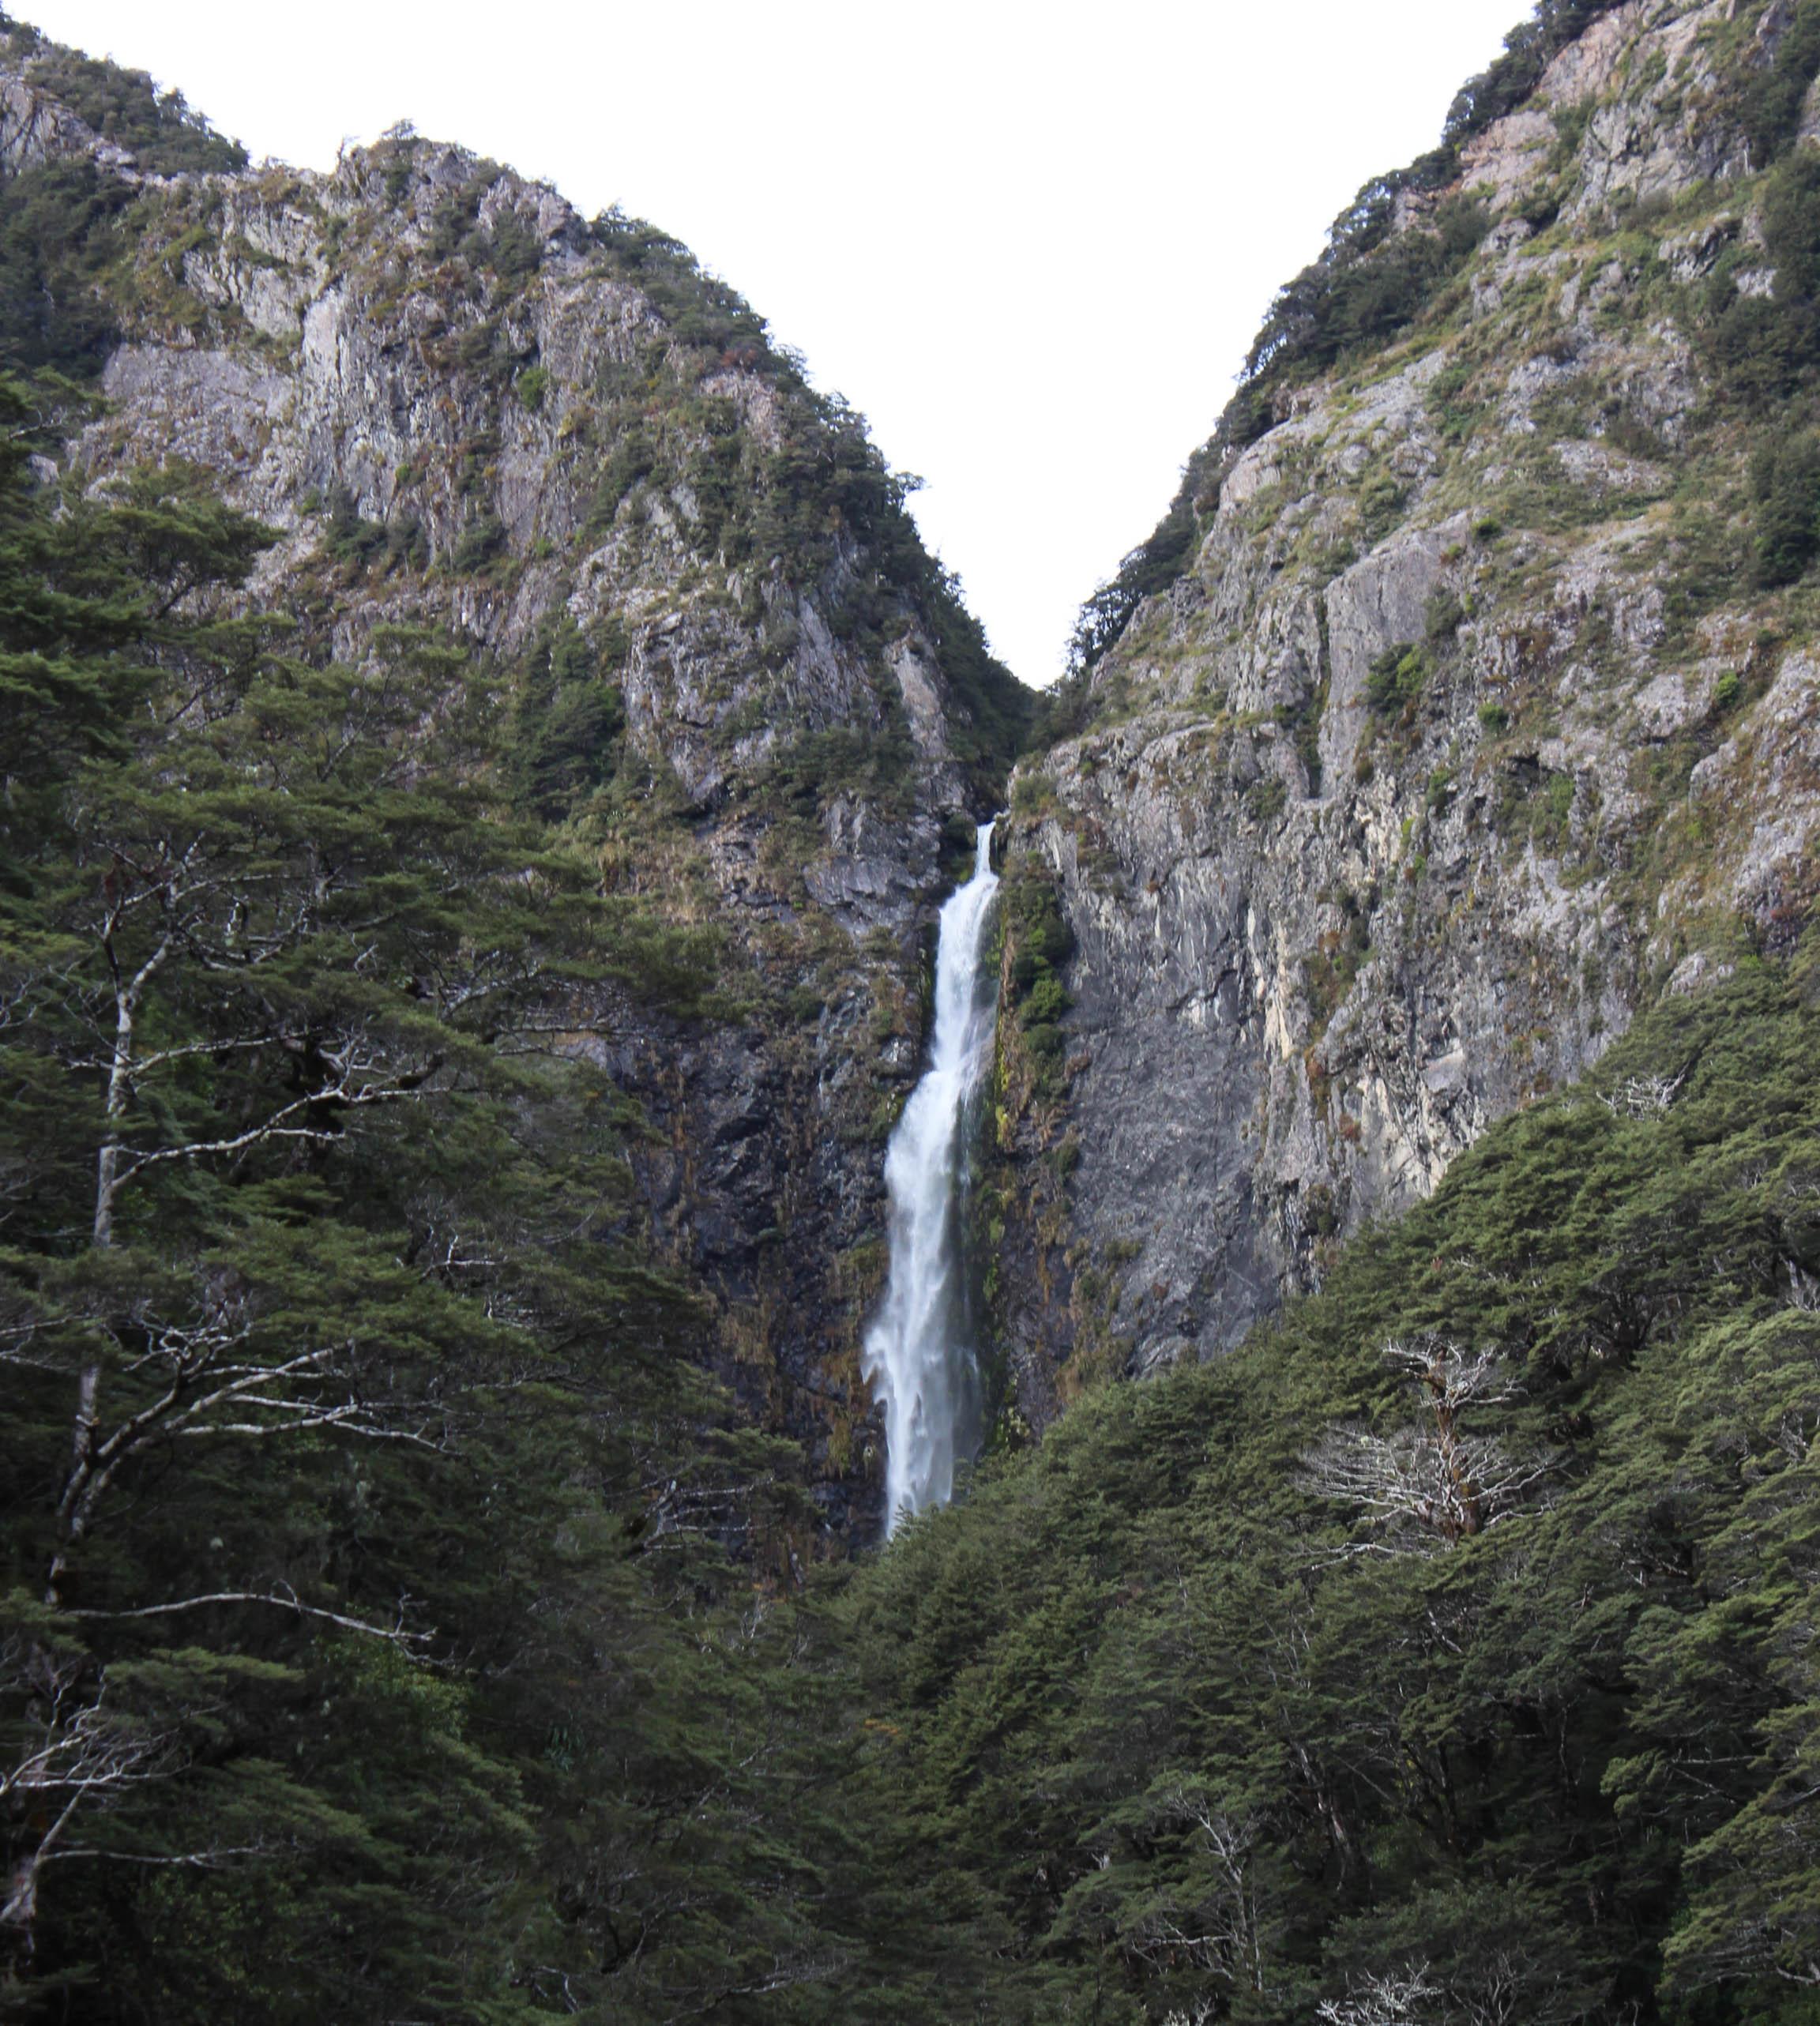 Nouvelle Zélande - Greymouth et Arthur's pass - les lubies de louise (12 sur 21)